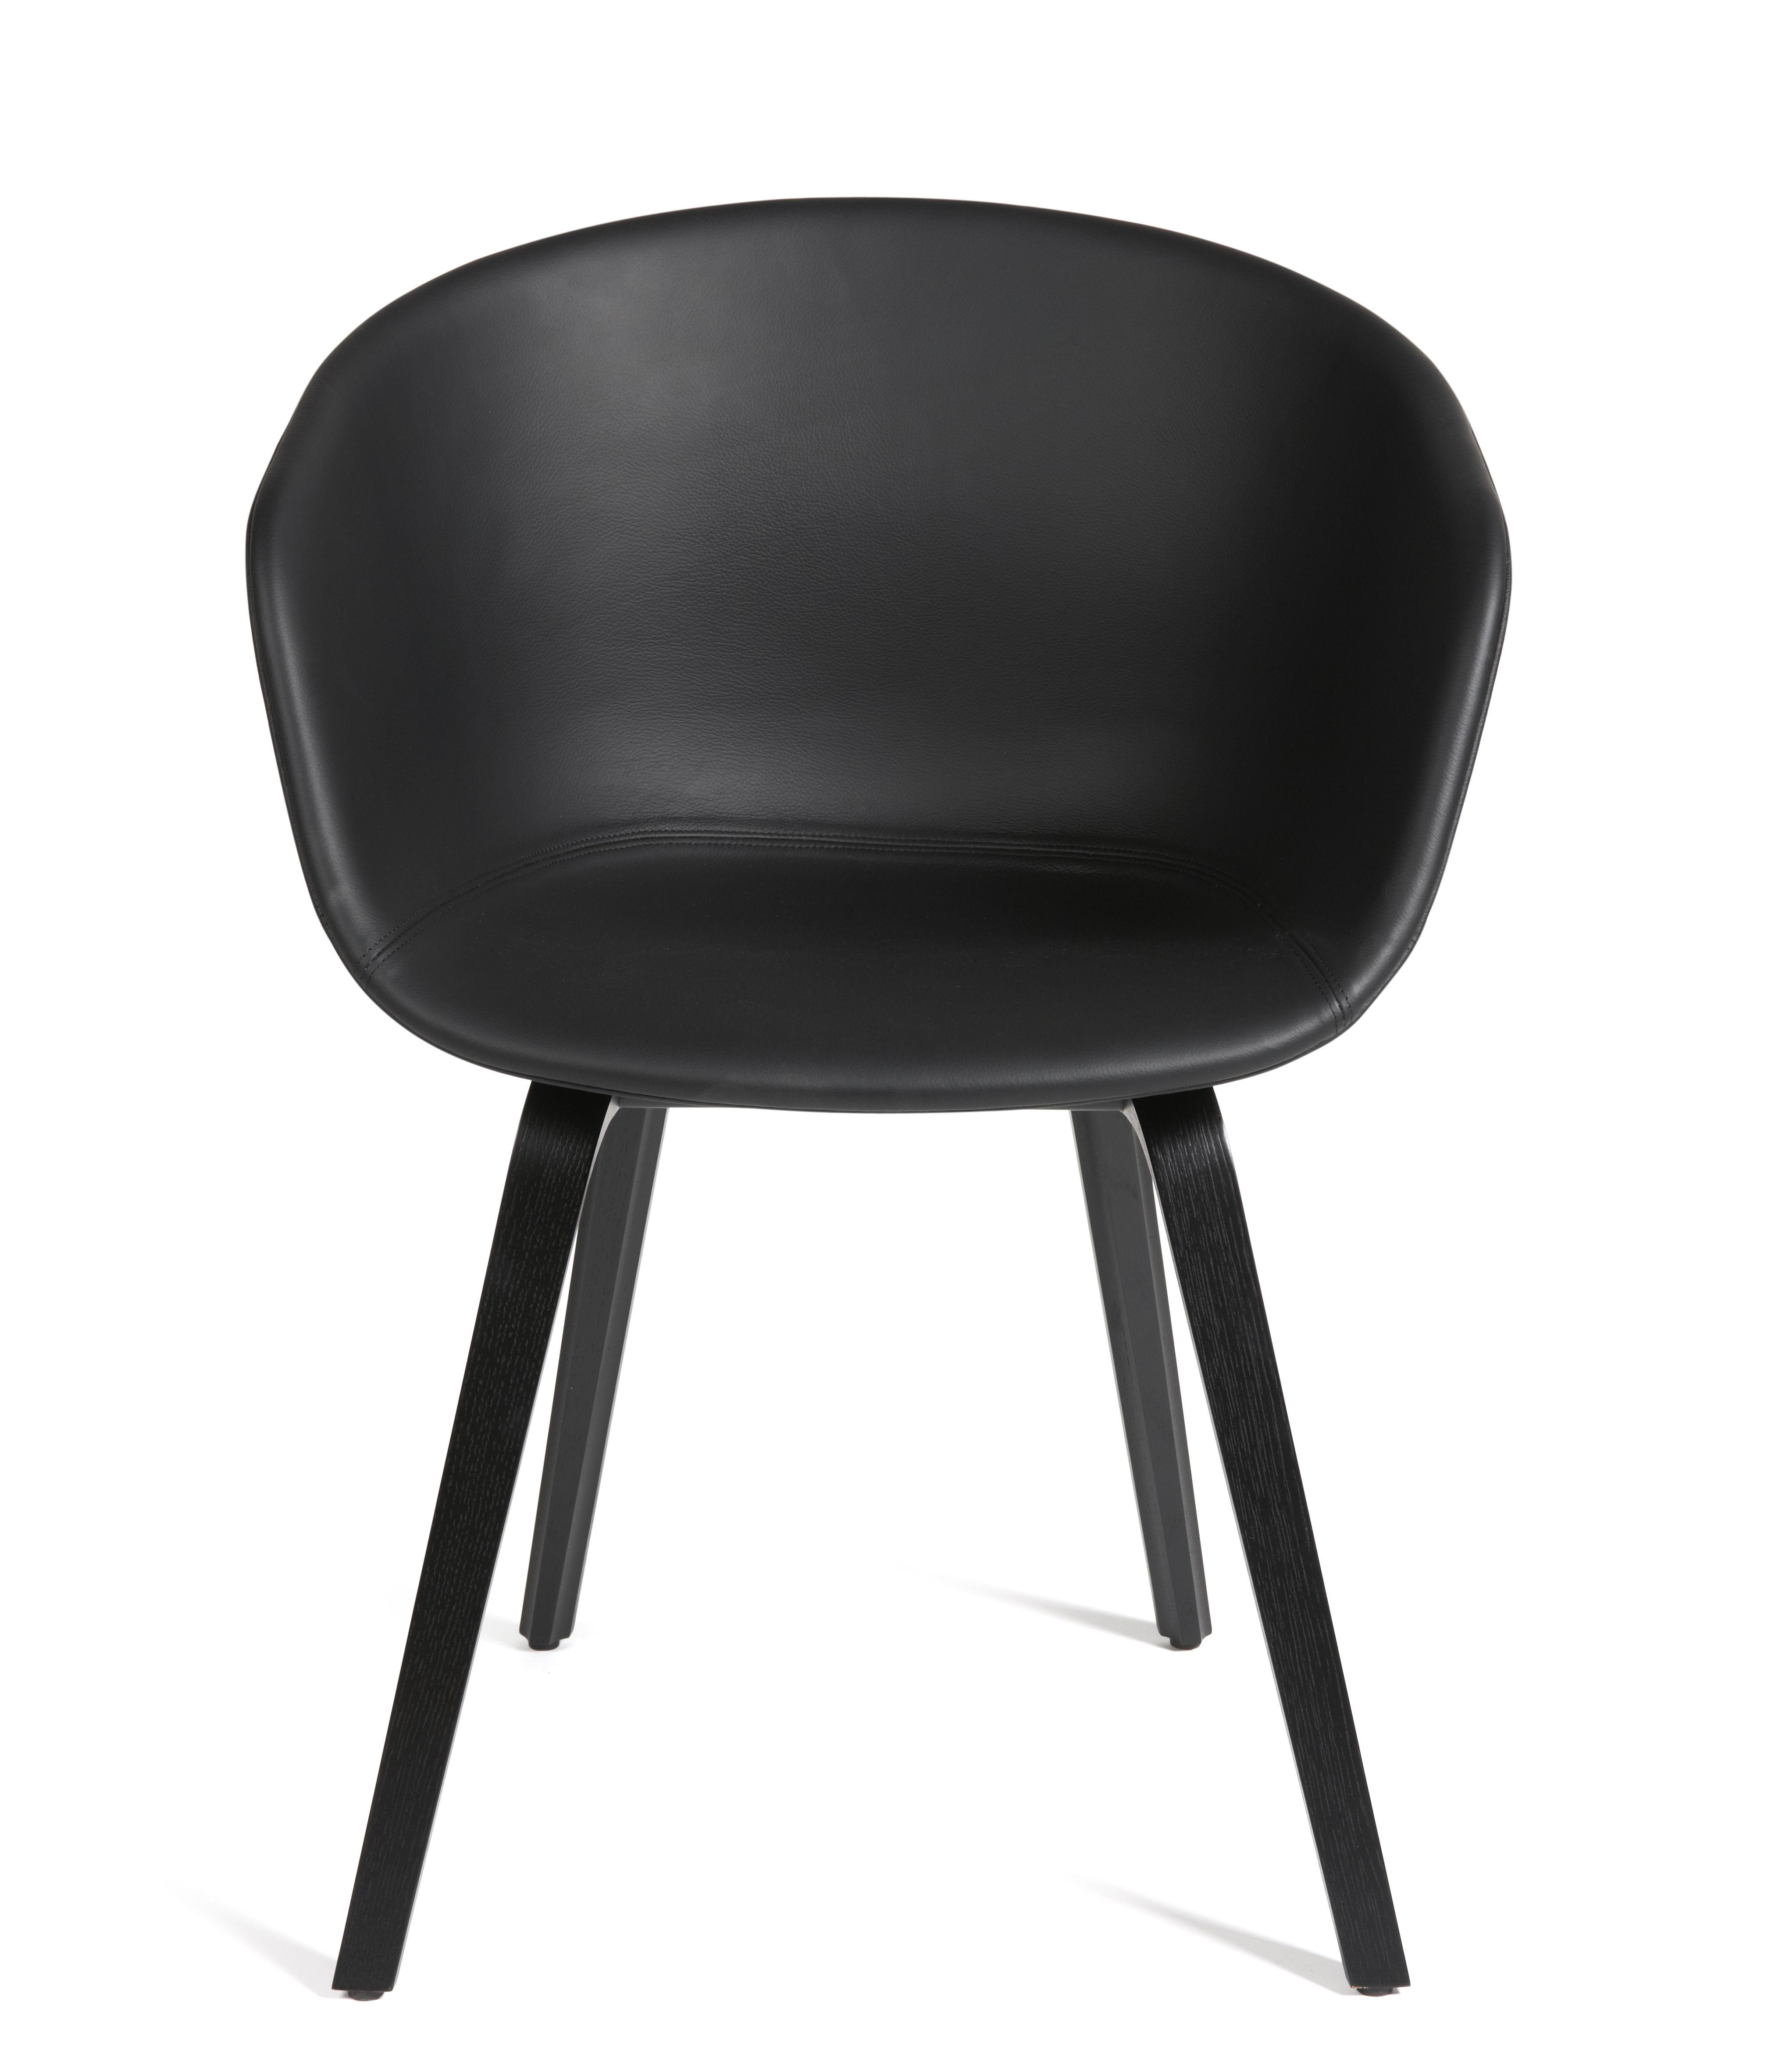 About A Chair Gepolsterter Sessel Leder 4 Beinig Leder Schwarz